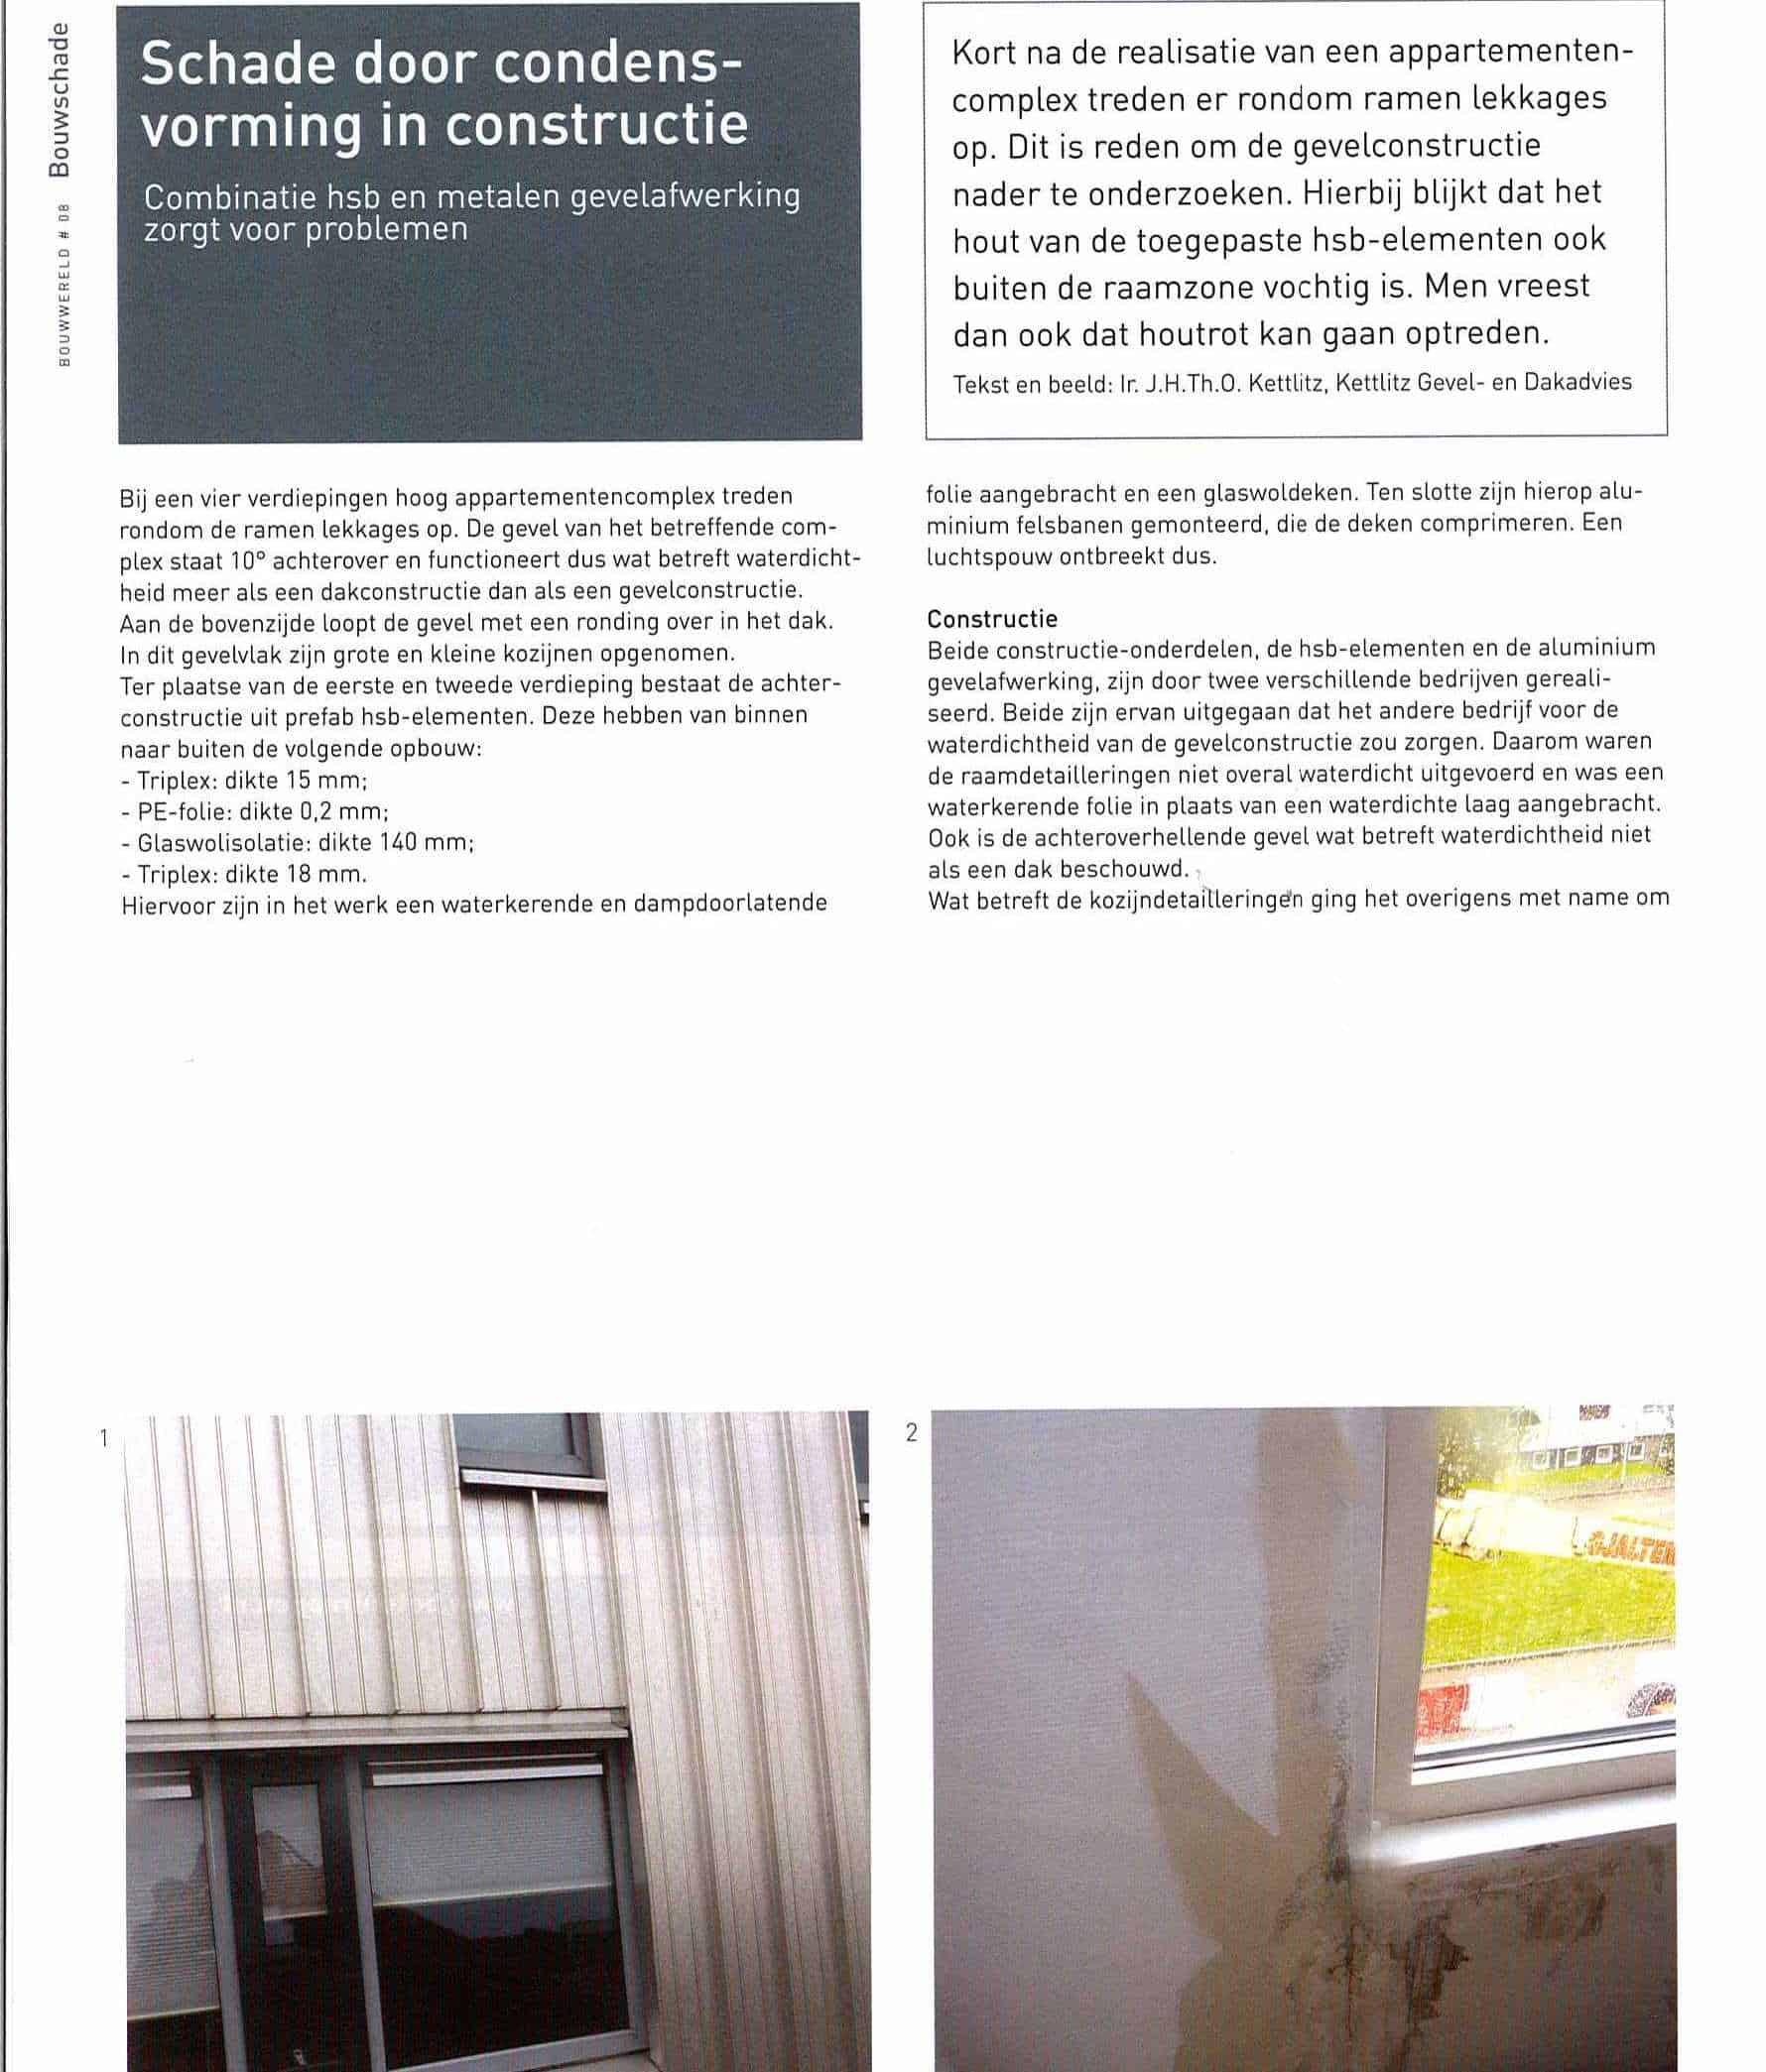 Bouwwereld_2011-08_Schade_door_condensvorming_in_constructie_thumbnail1-2